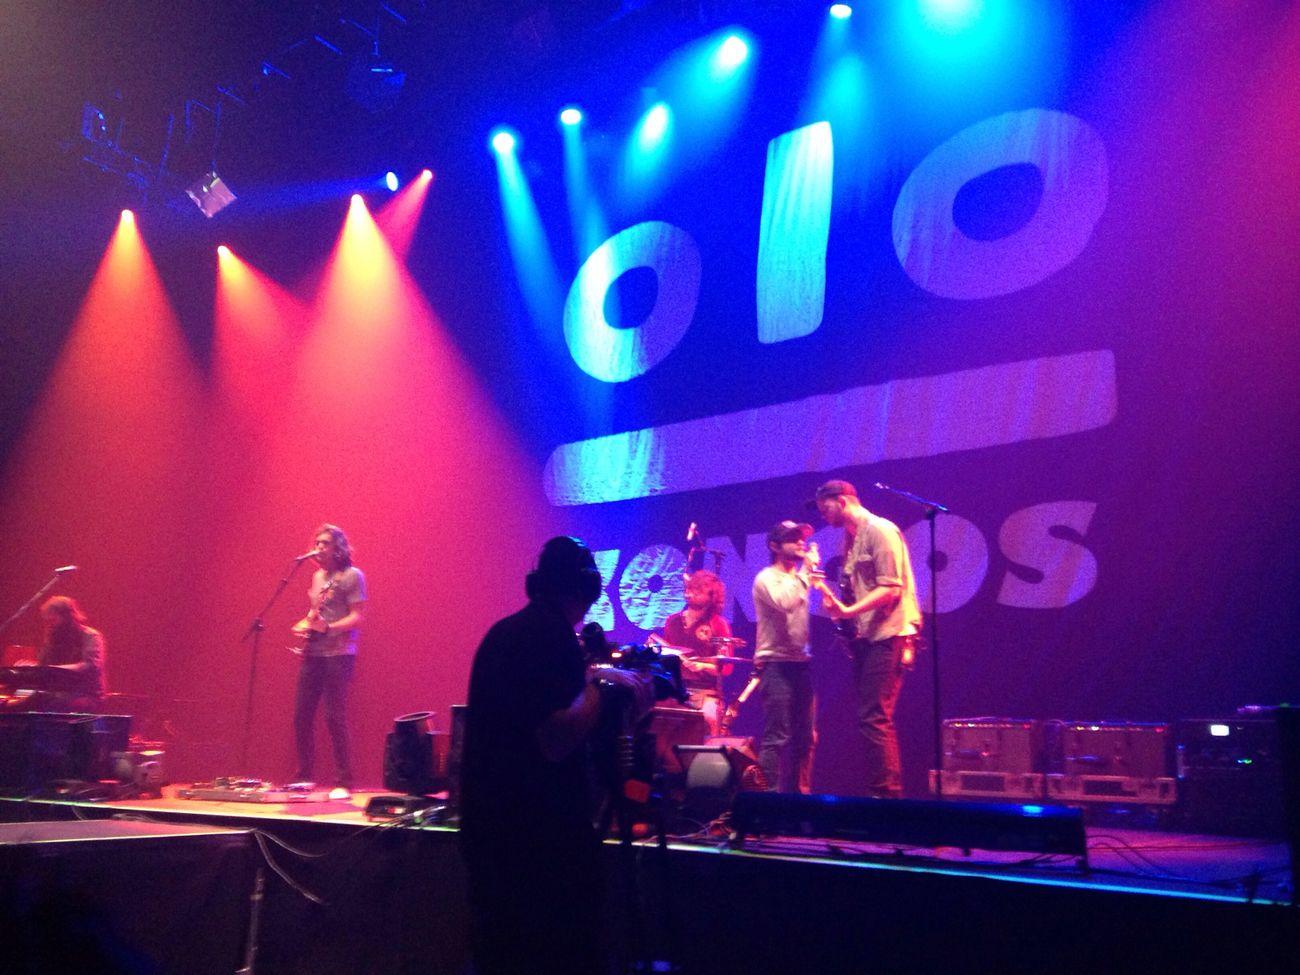 Kongos Onerepublic 's support Paris Concert